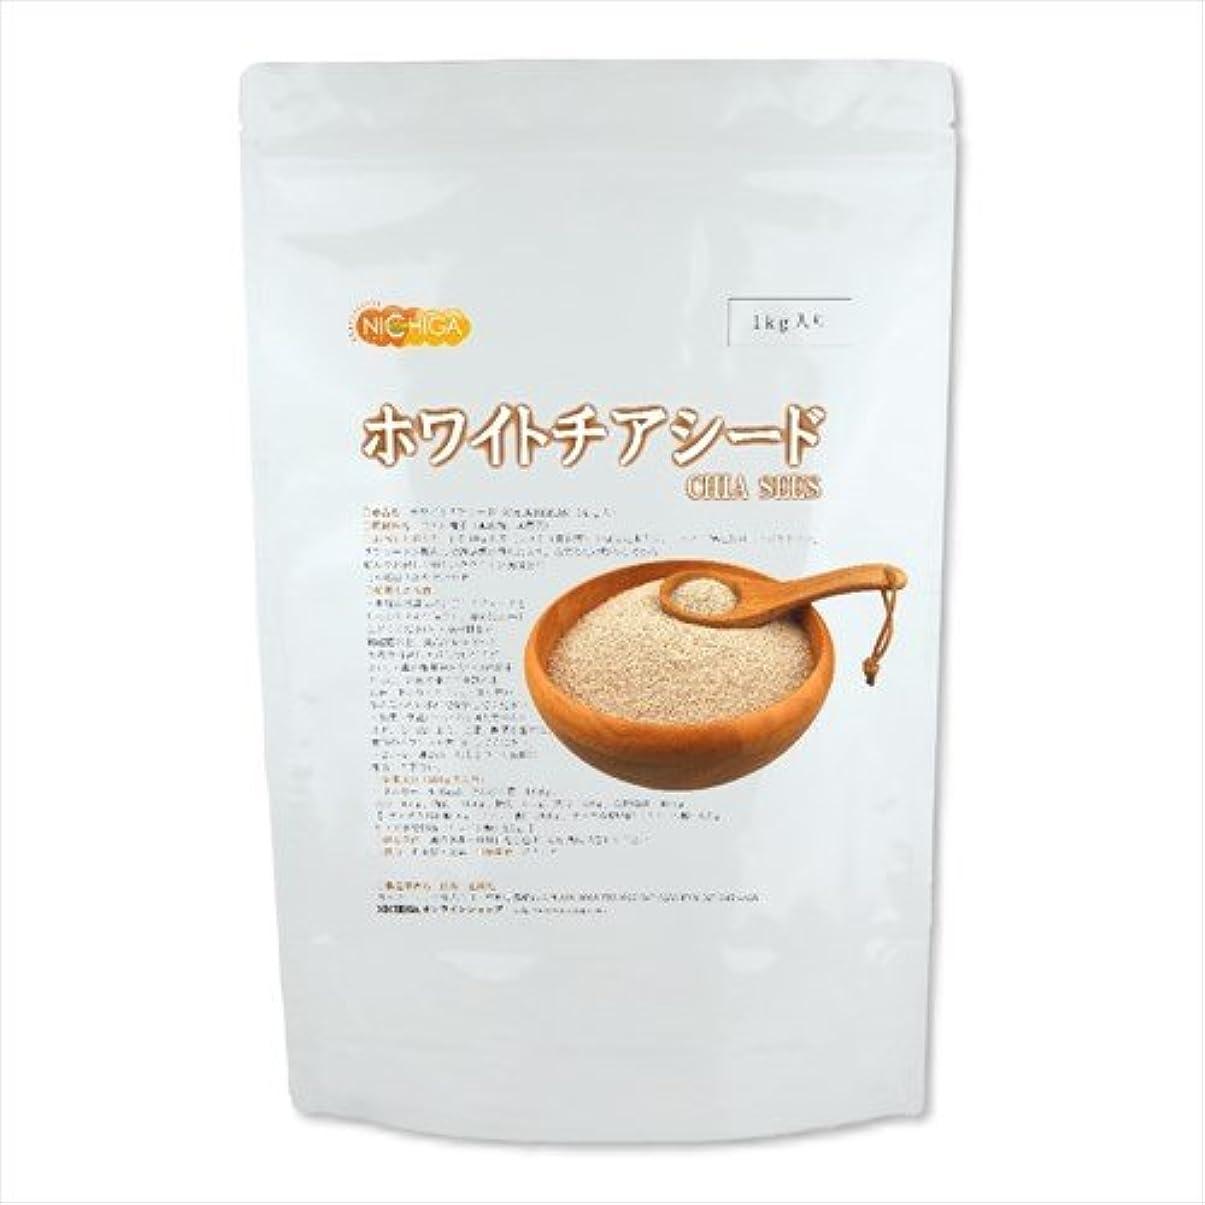 誓いクリップアプローチホワイトチアシード 1kg【CHIASEEDS】[01]食物性最高奇跡の食品 (Miracle foods) 殺菌品 NICHIGA(ニチガ)